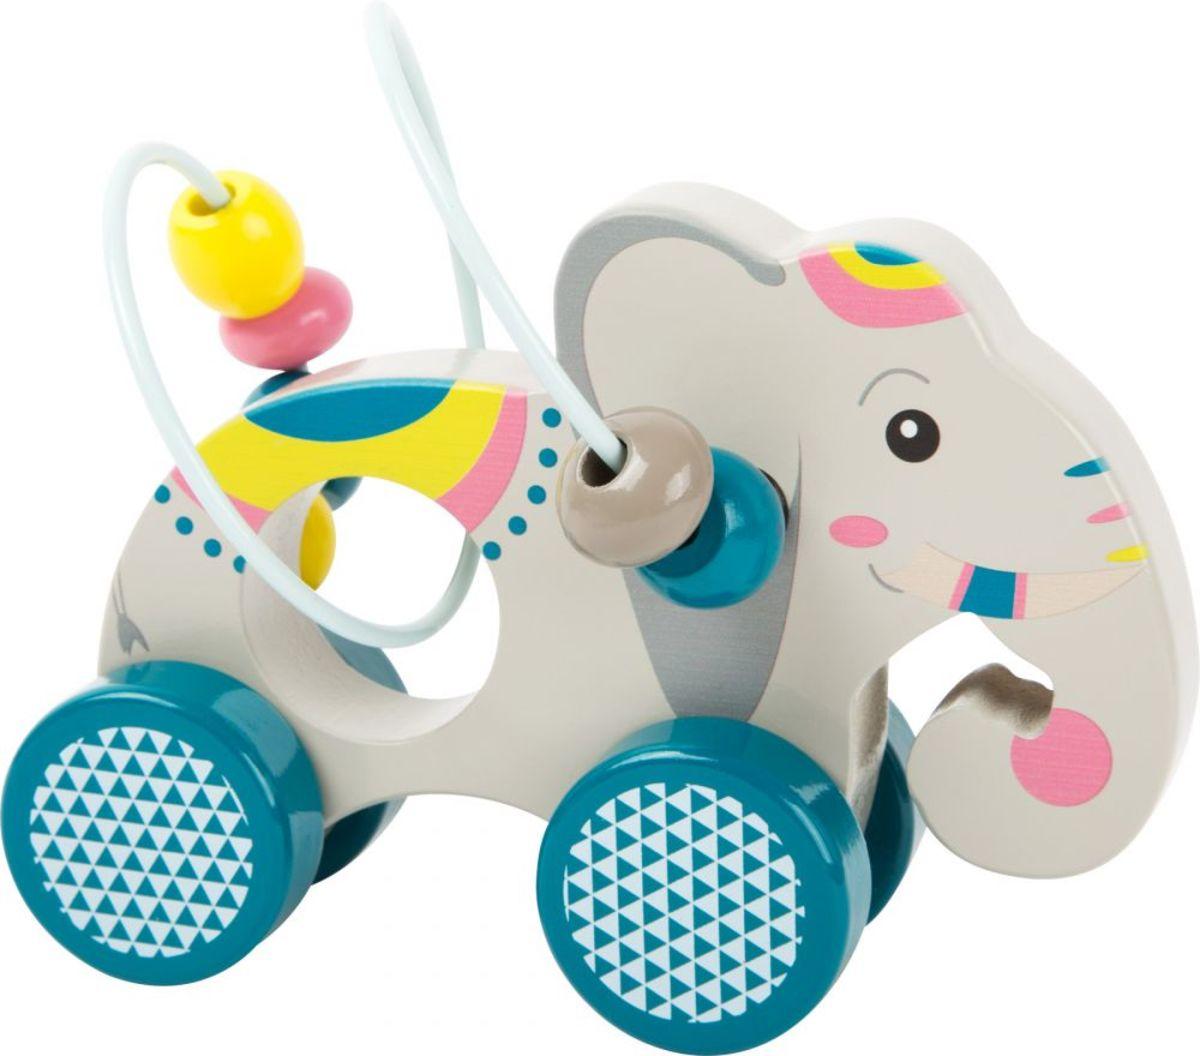 Jazdiaci slon s motorickým labyrintom Elephant bead maze